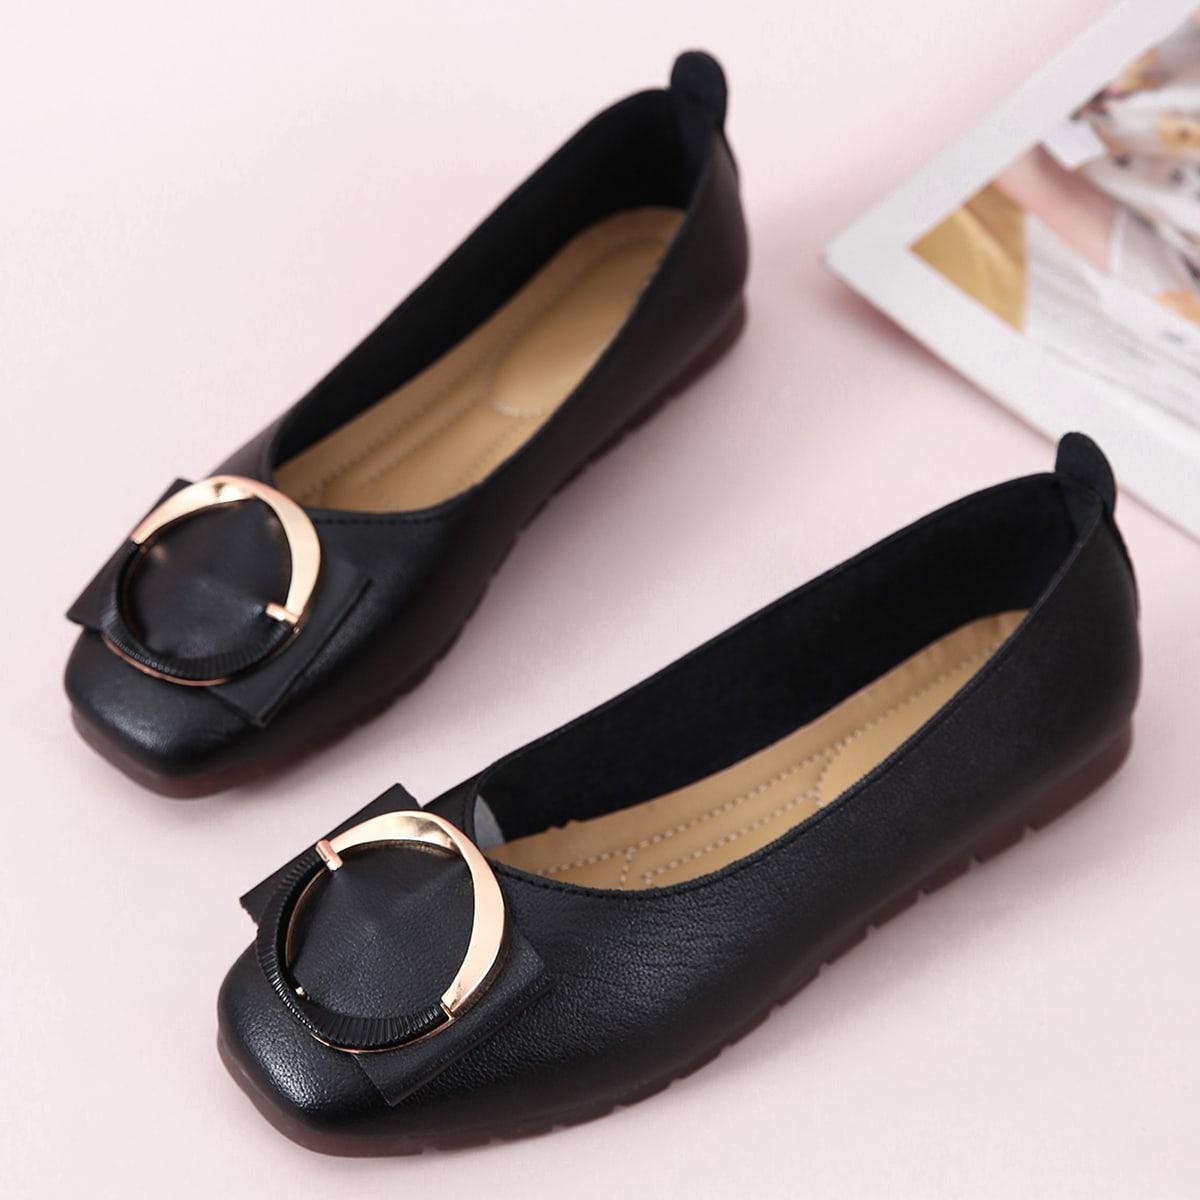 Zapatillas de ballet de punta cuadrada con hebilla